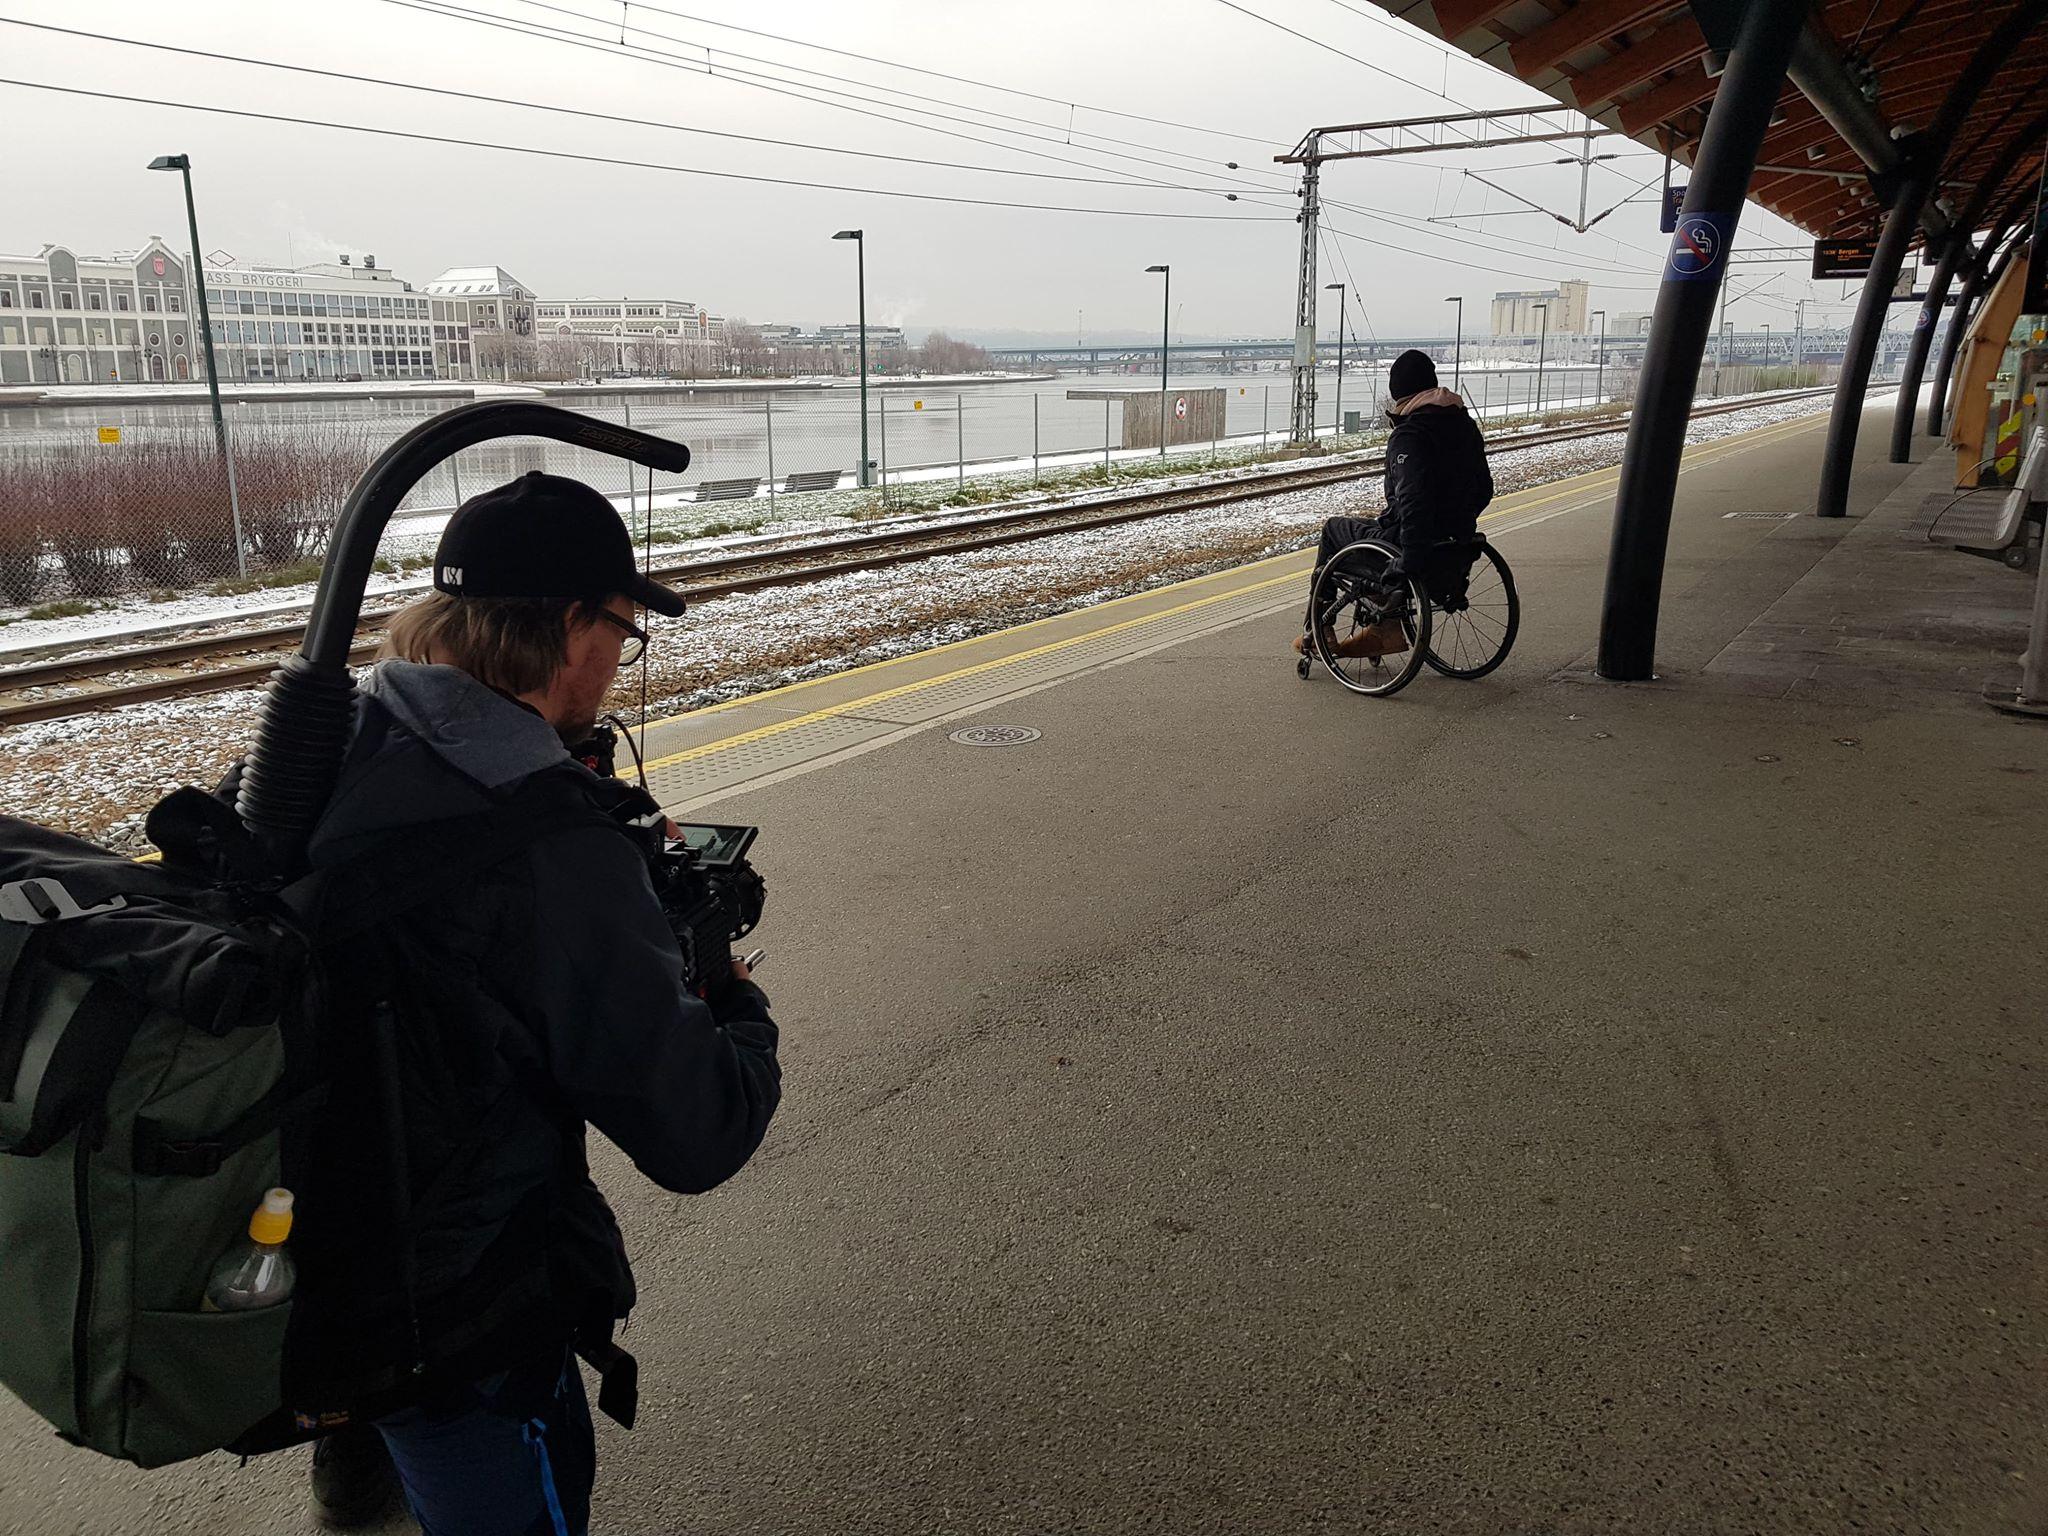 Hovedsikkerhetsvakt-Drammen-Stasjon-Reklamefilm-Filminspilling-Sikkerhet-Jernbanestasjon-Norsk-Jernbanesikkerhet-AS